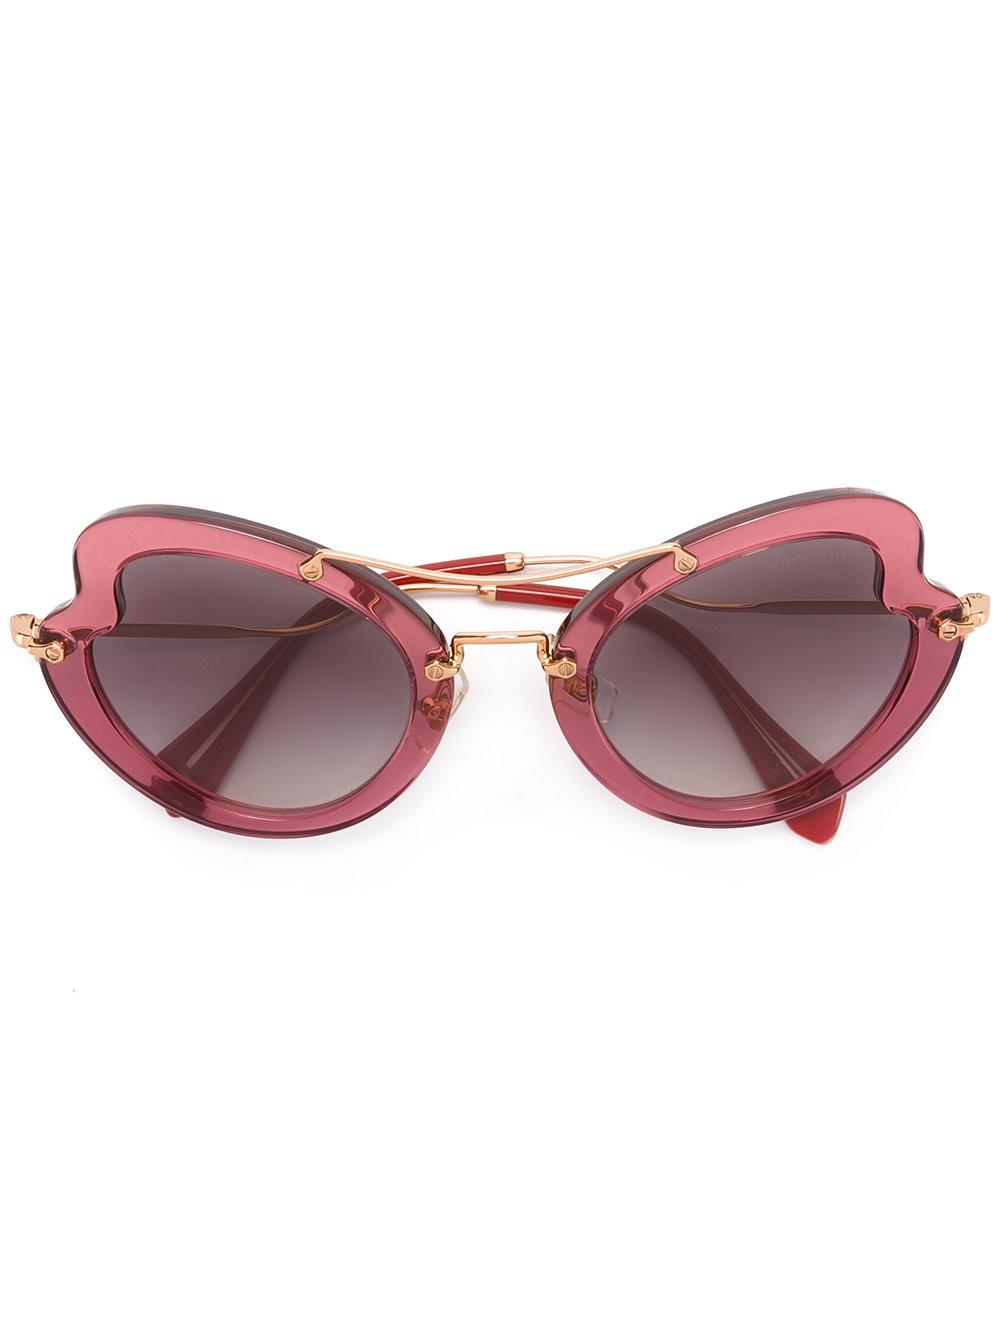 c2b260f628c2 Miu Miu Eyewear Scenique sunglasses - Pink & Purple